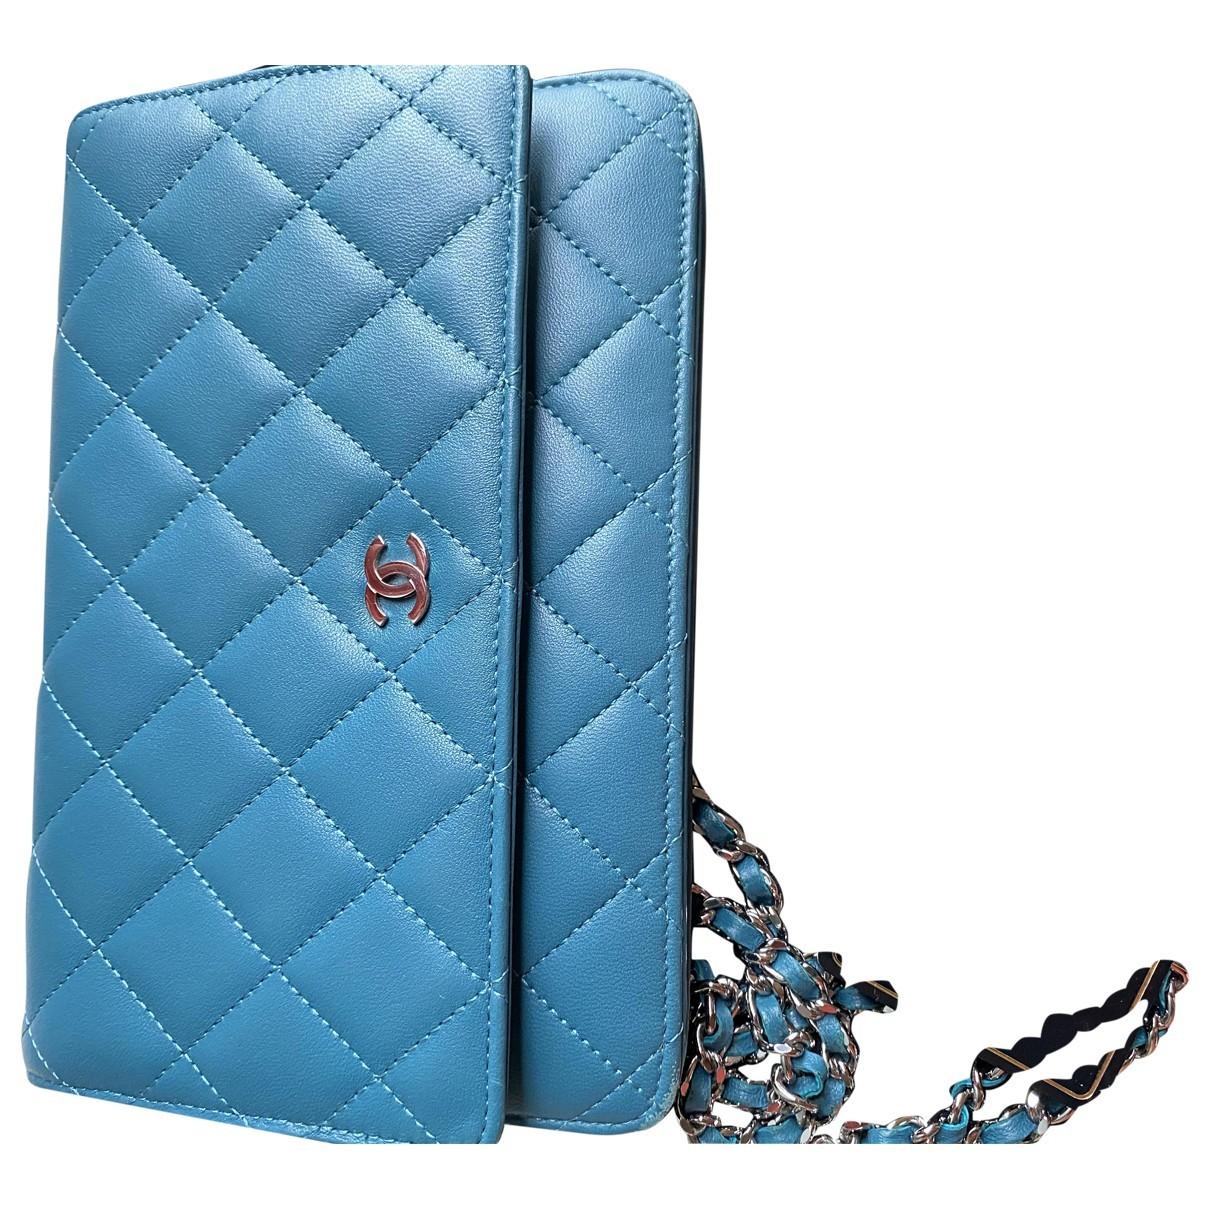 Chanel Wallet on Chain Handtasche in  Tuerkis Leder